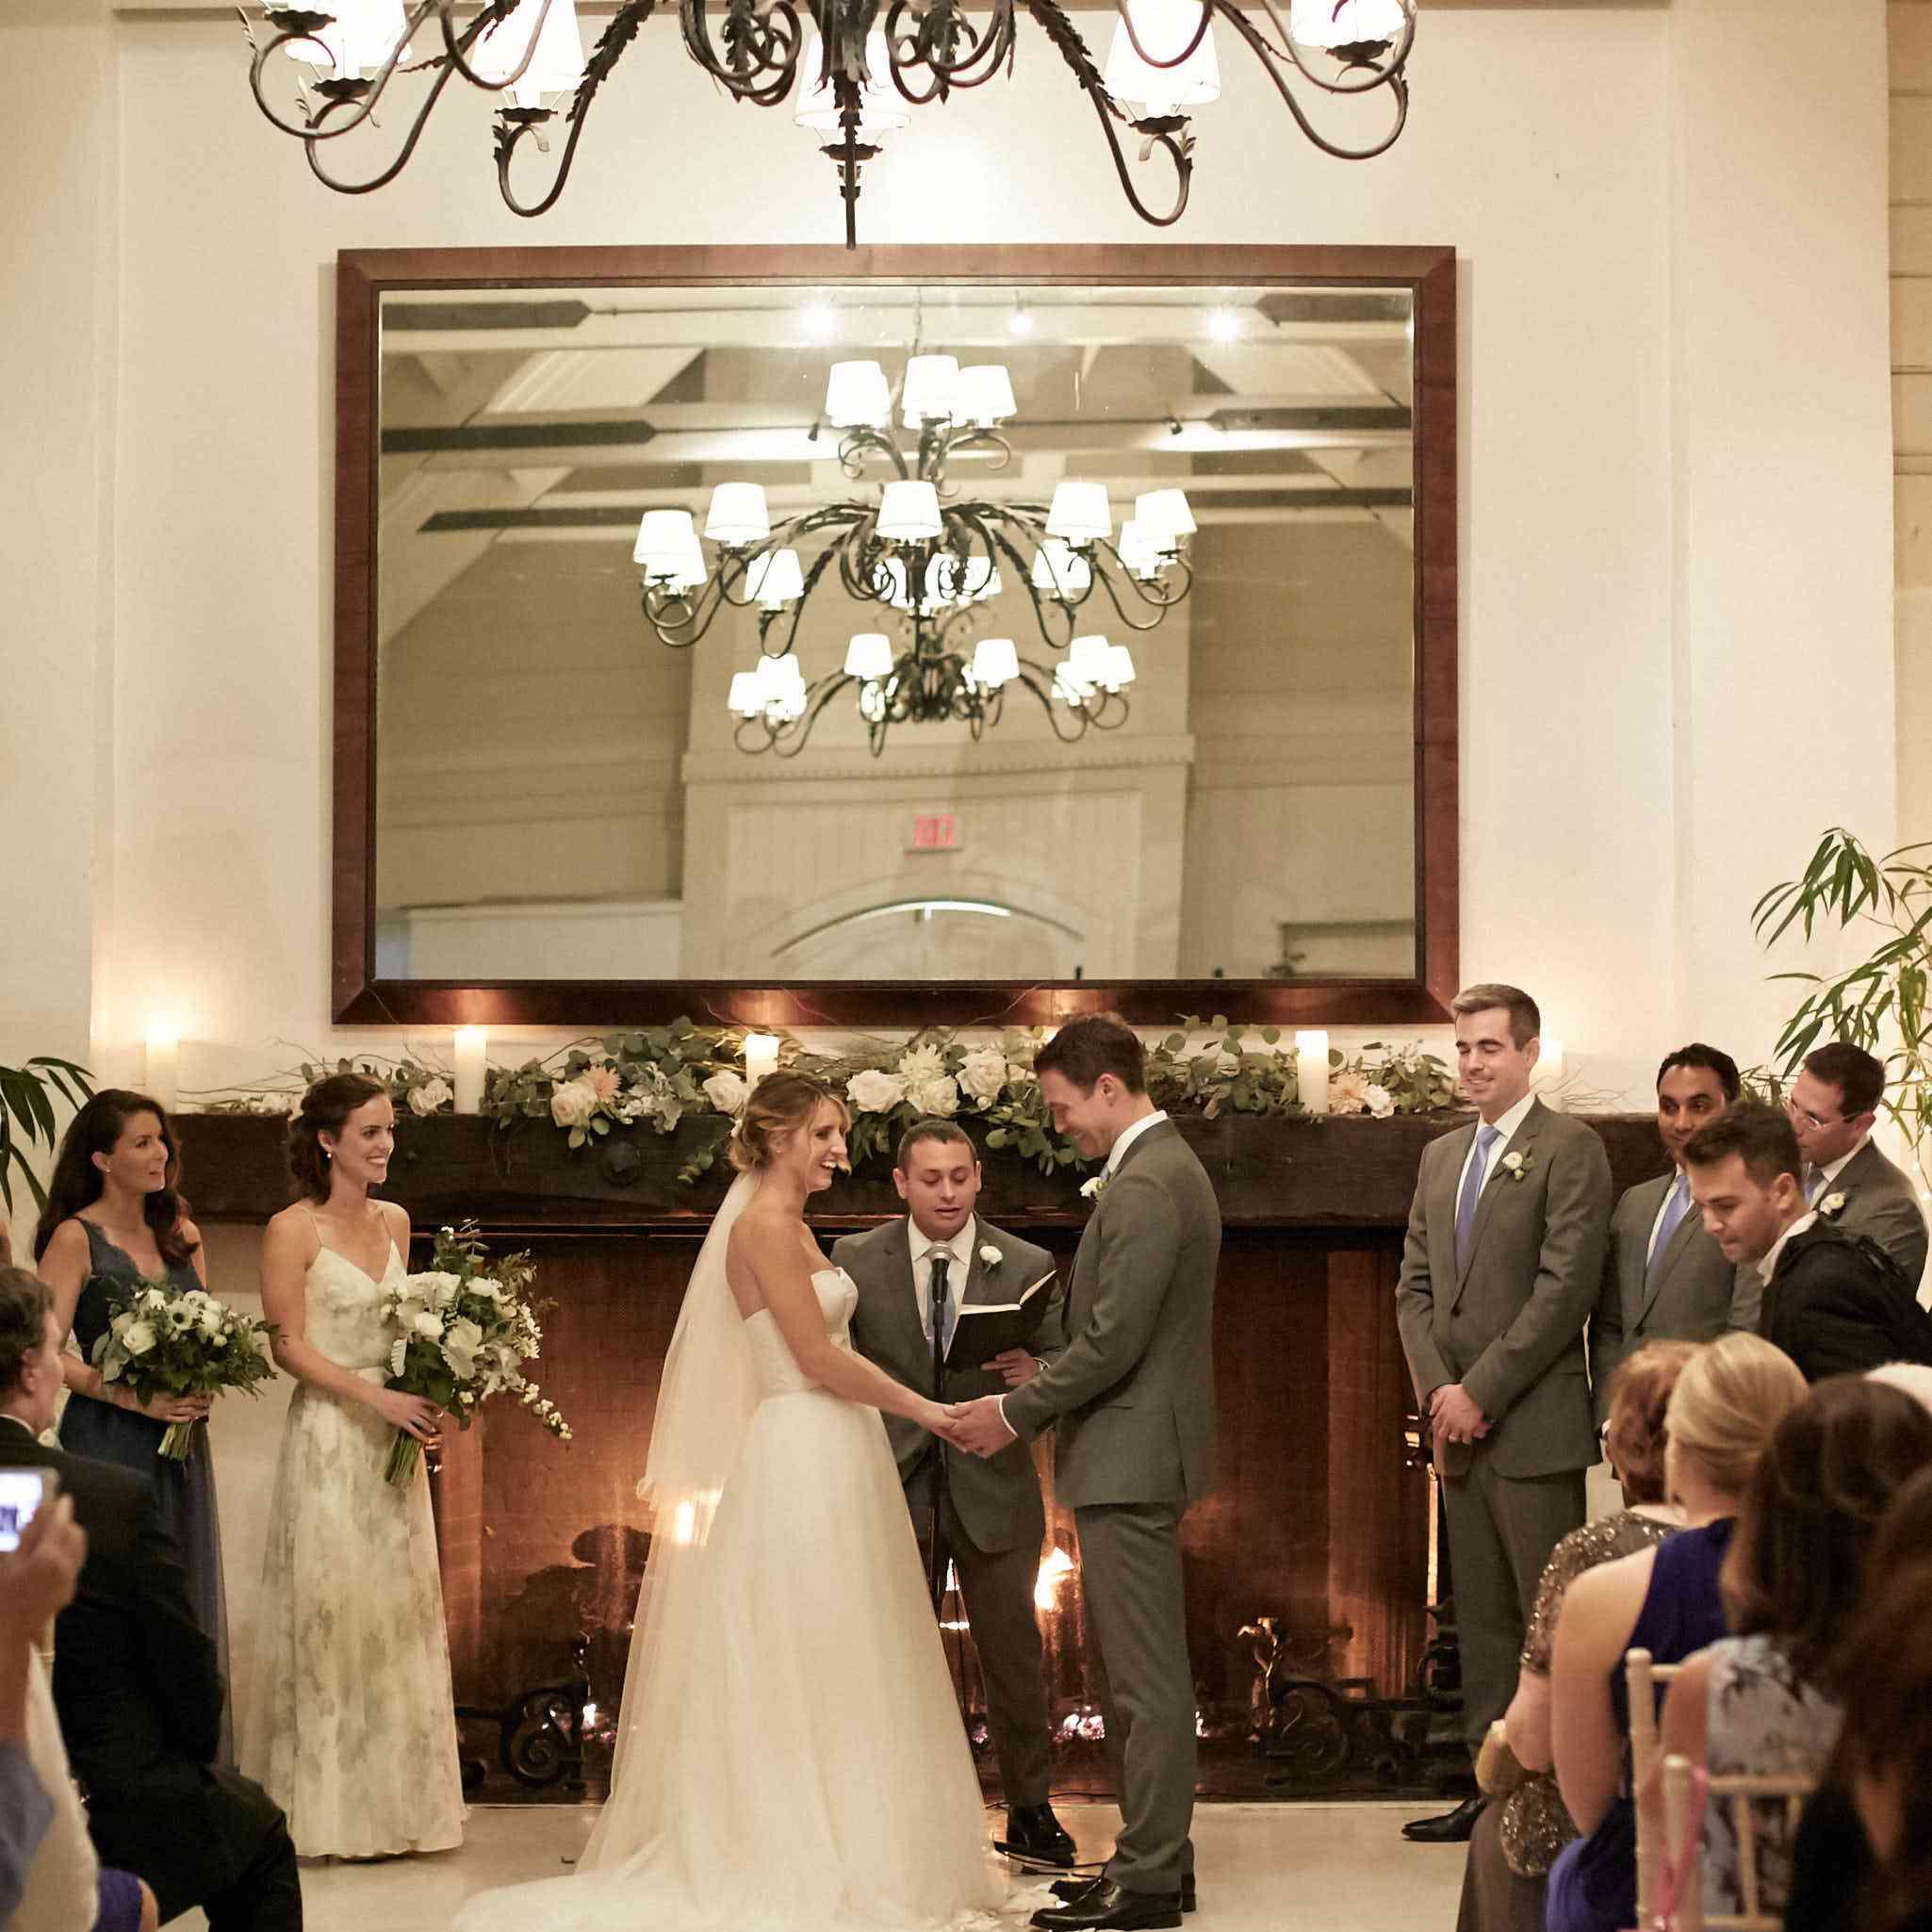 <p>Wedding Vows</p><br><br>